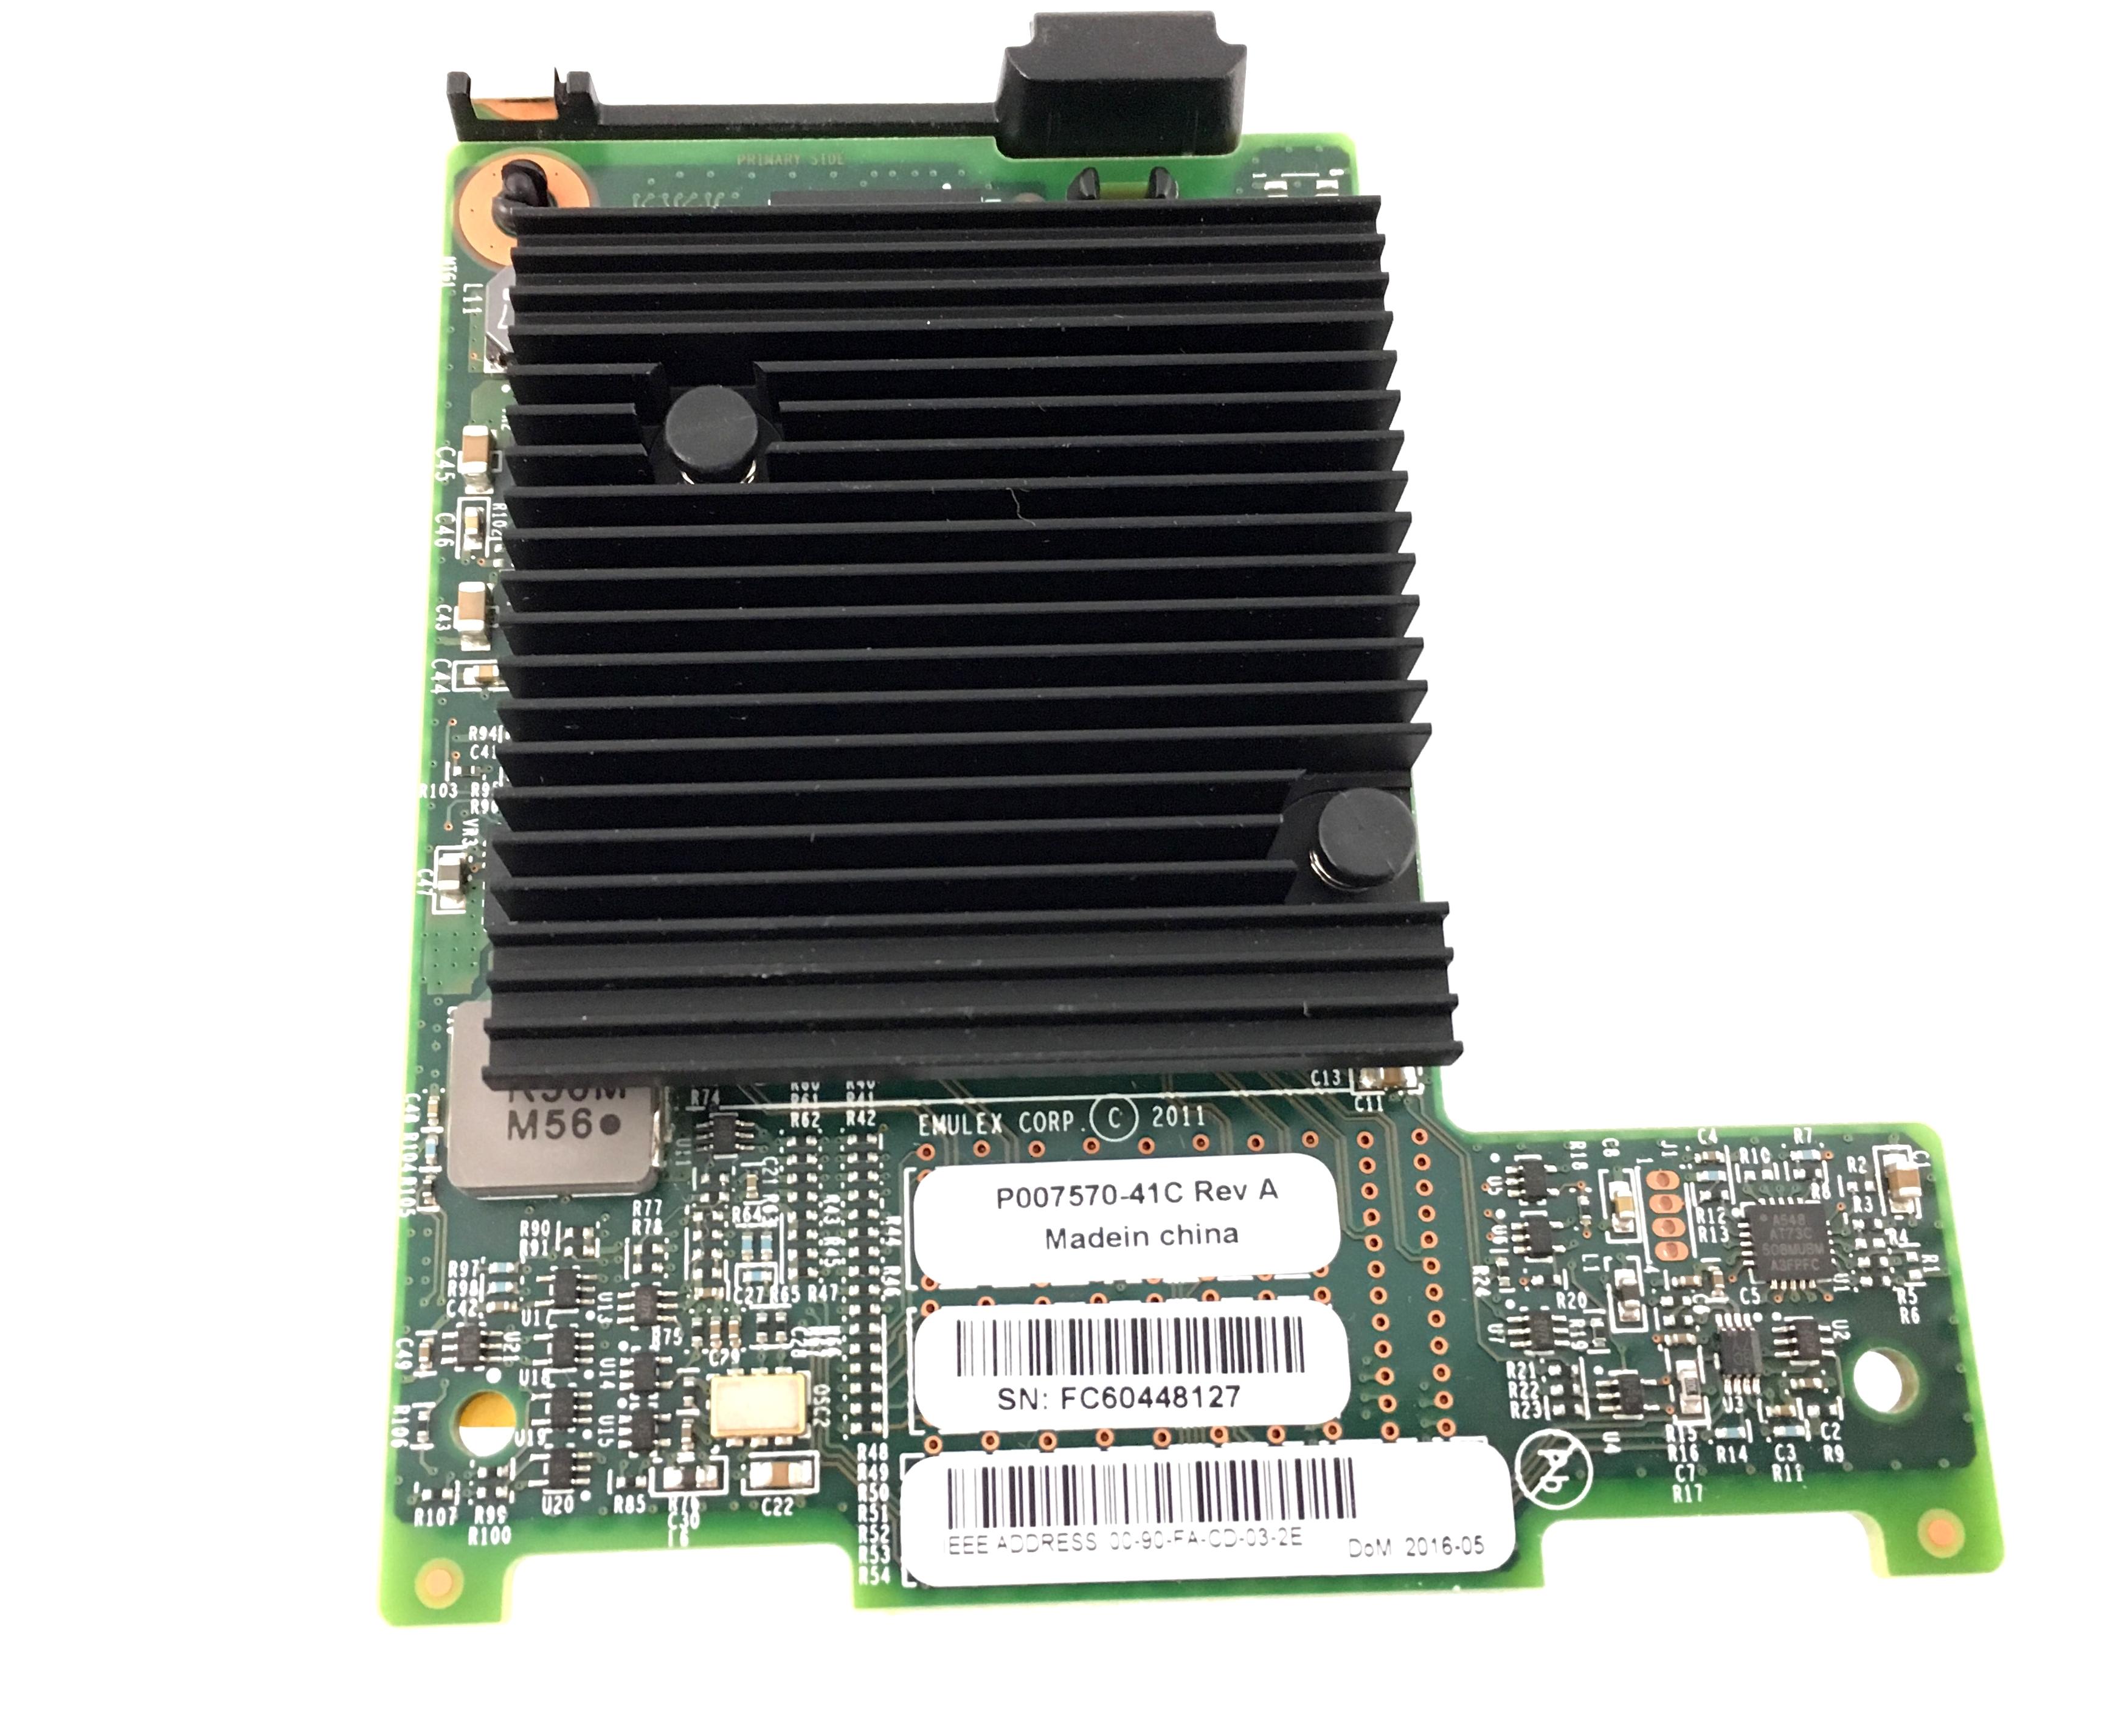 Dell Emulex P007570-41C Mezzanine Card (73TM8)